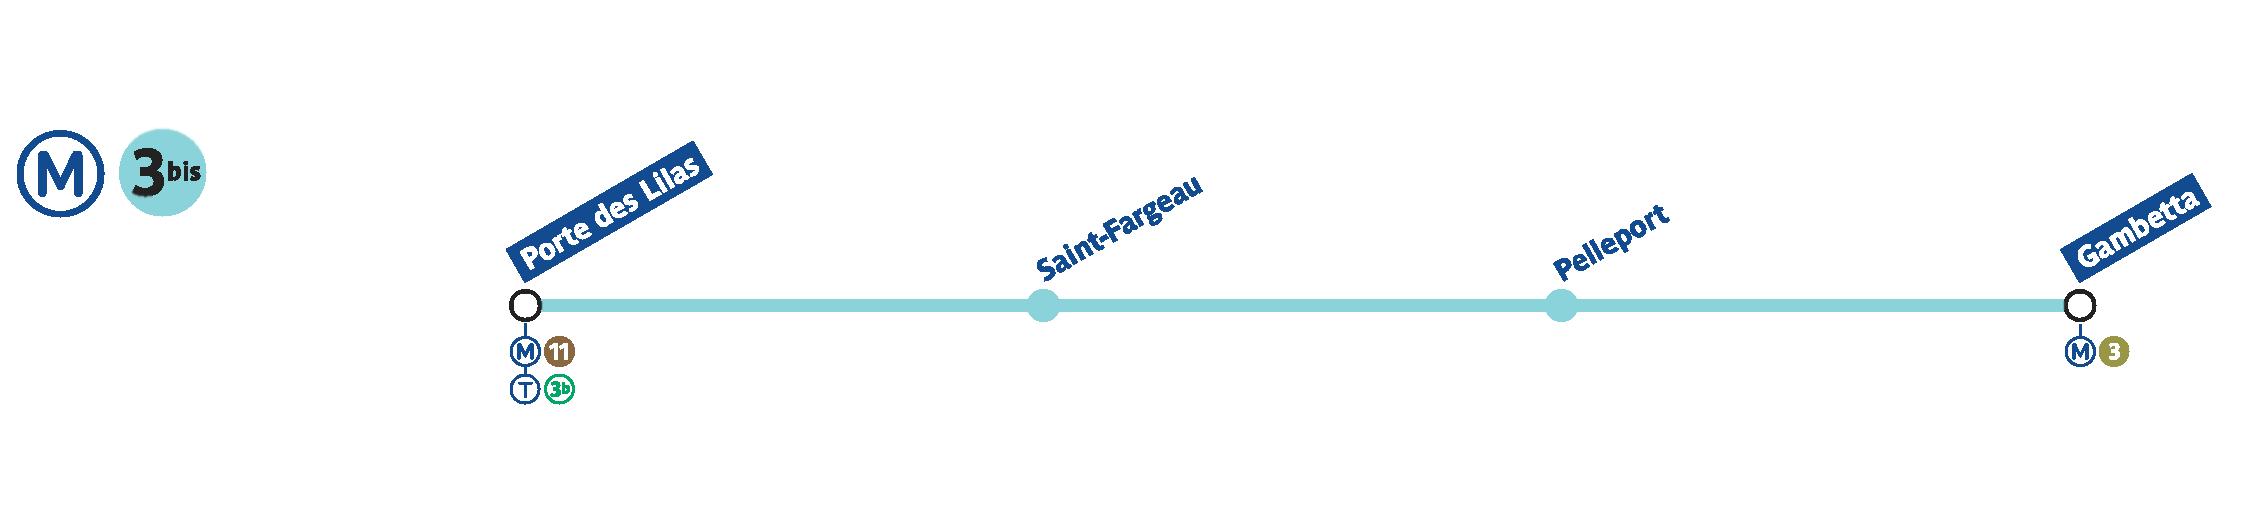 paris metro line 3bis